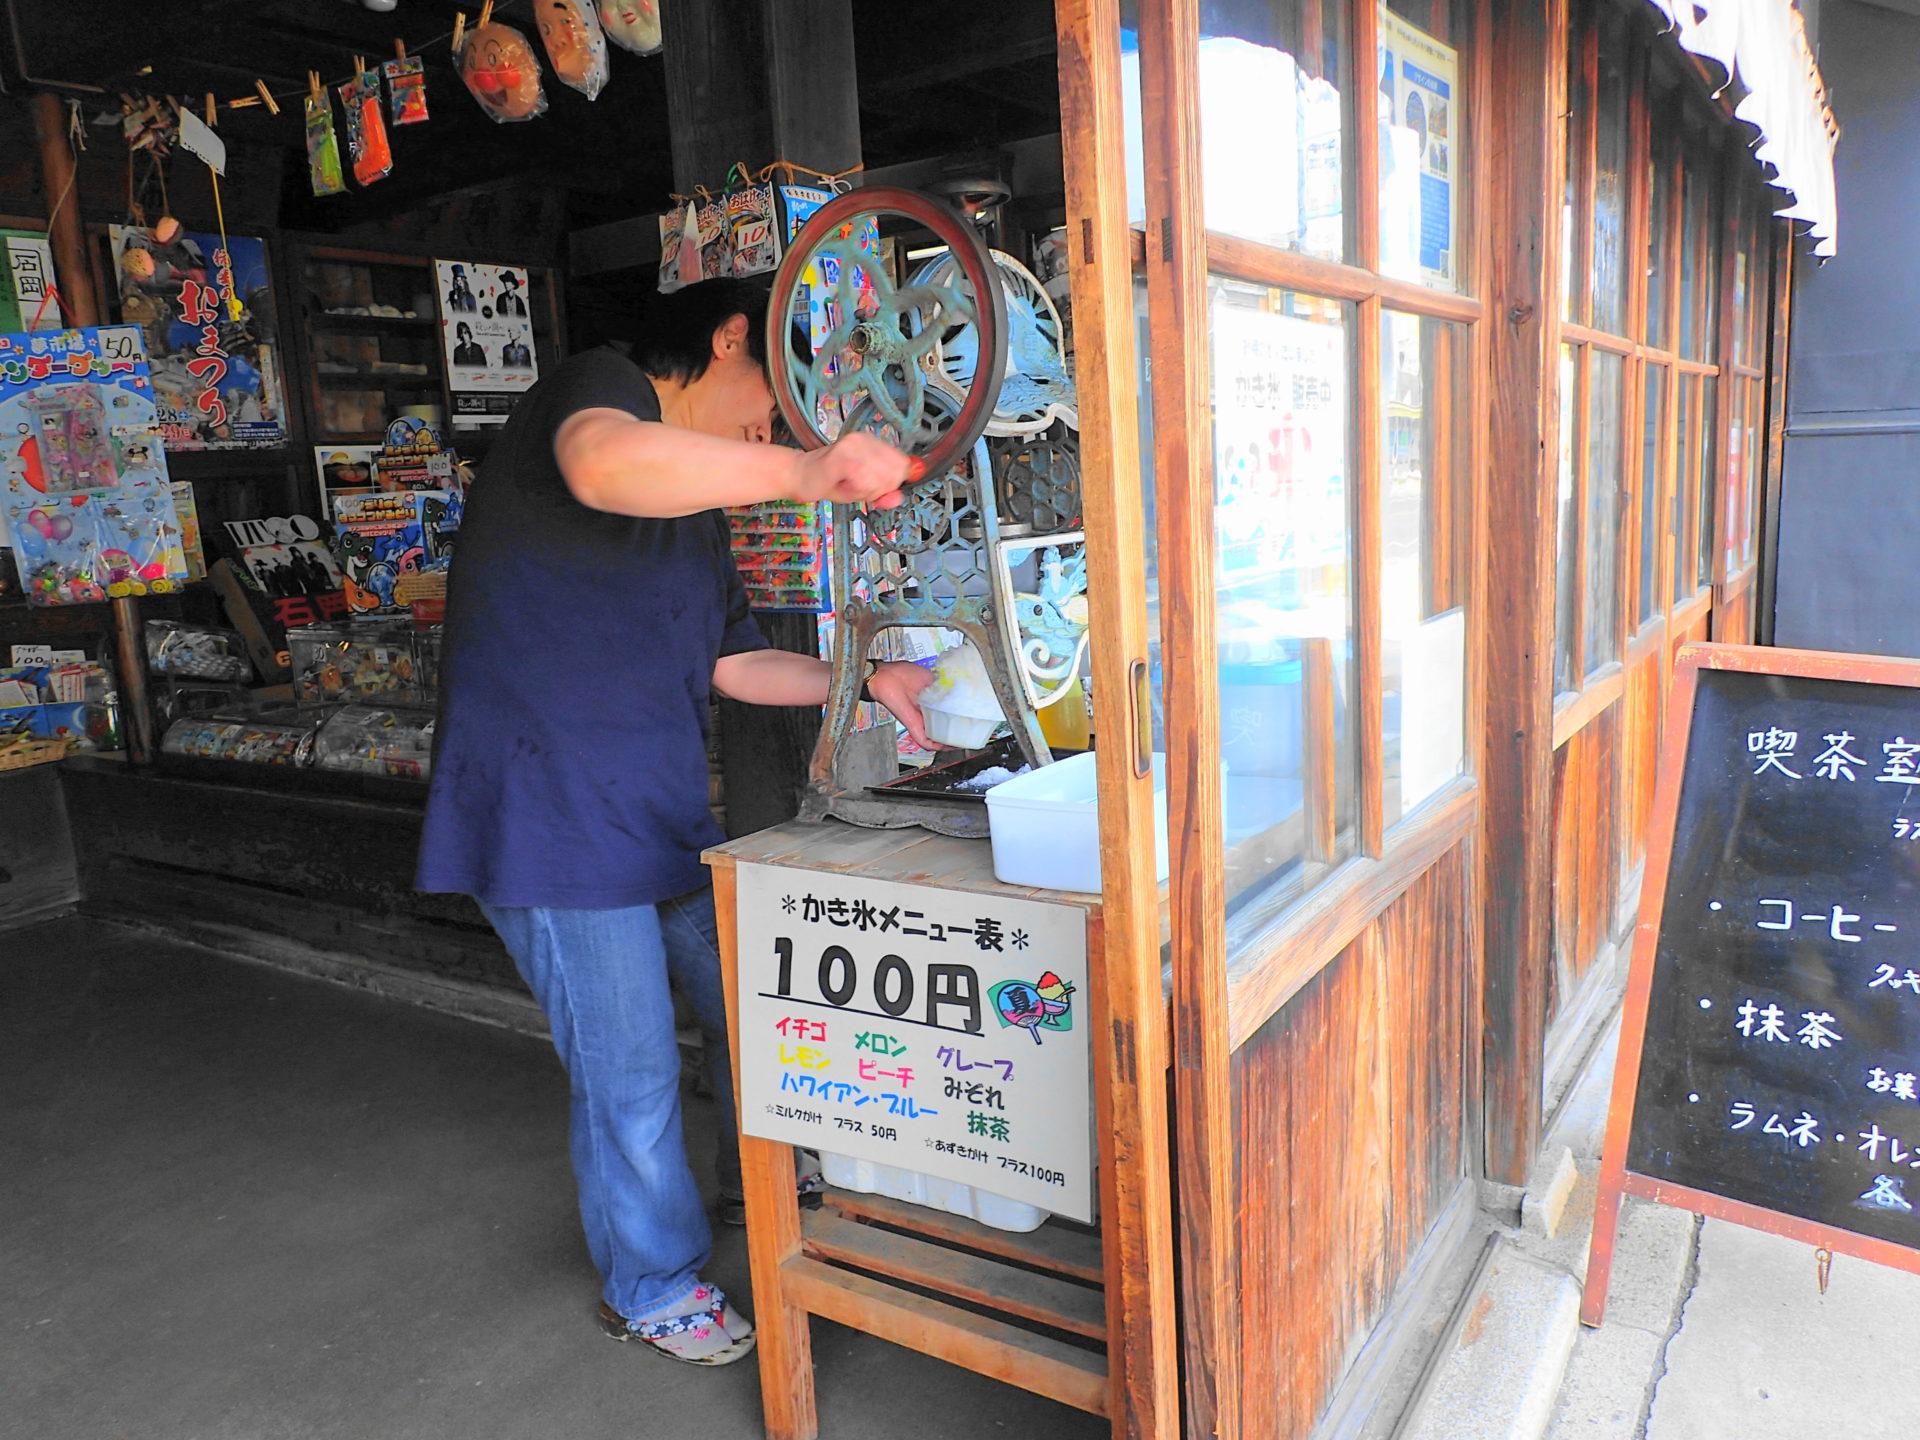 石岡市|丁子屋で100円かき氷~♪ 江戸時代の建物には懐かしい駄菓子がたくさん! - いばらじお♪